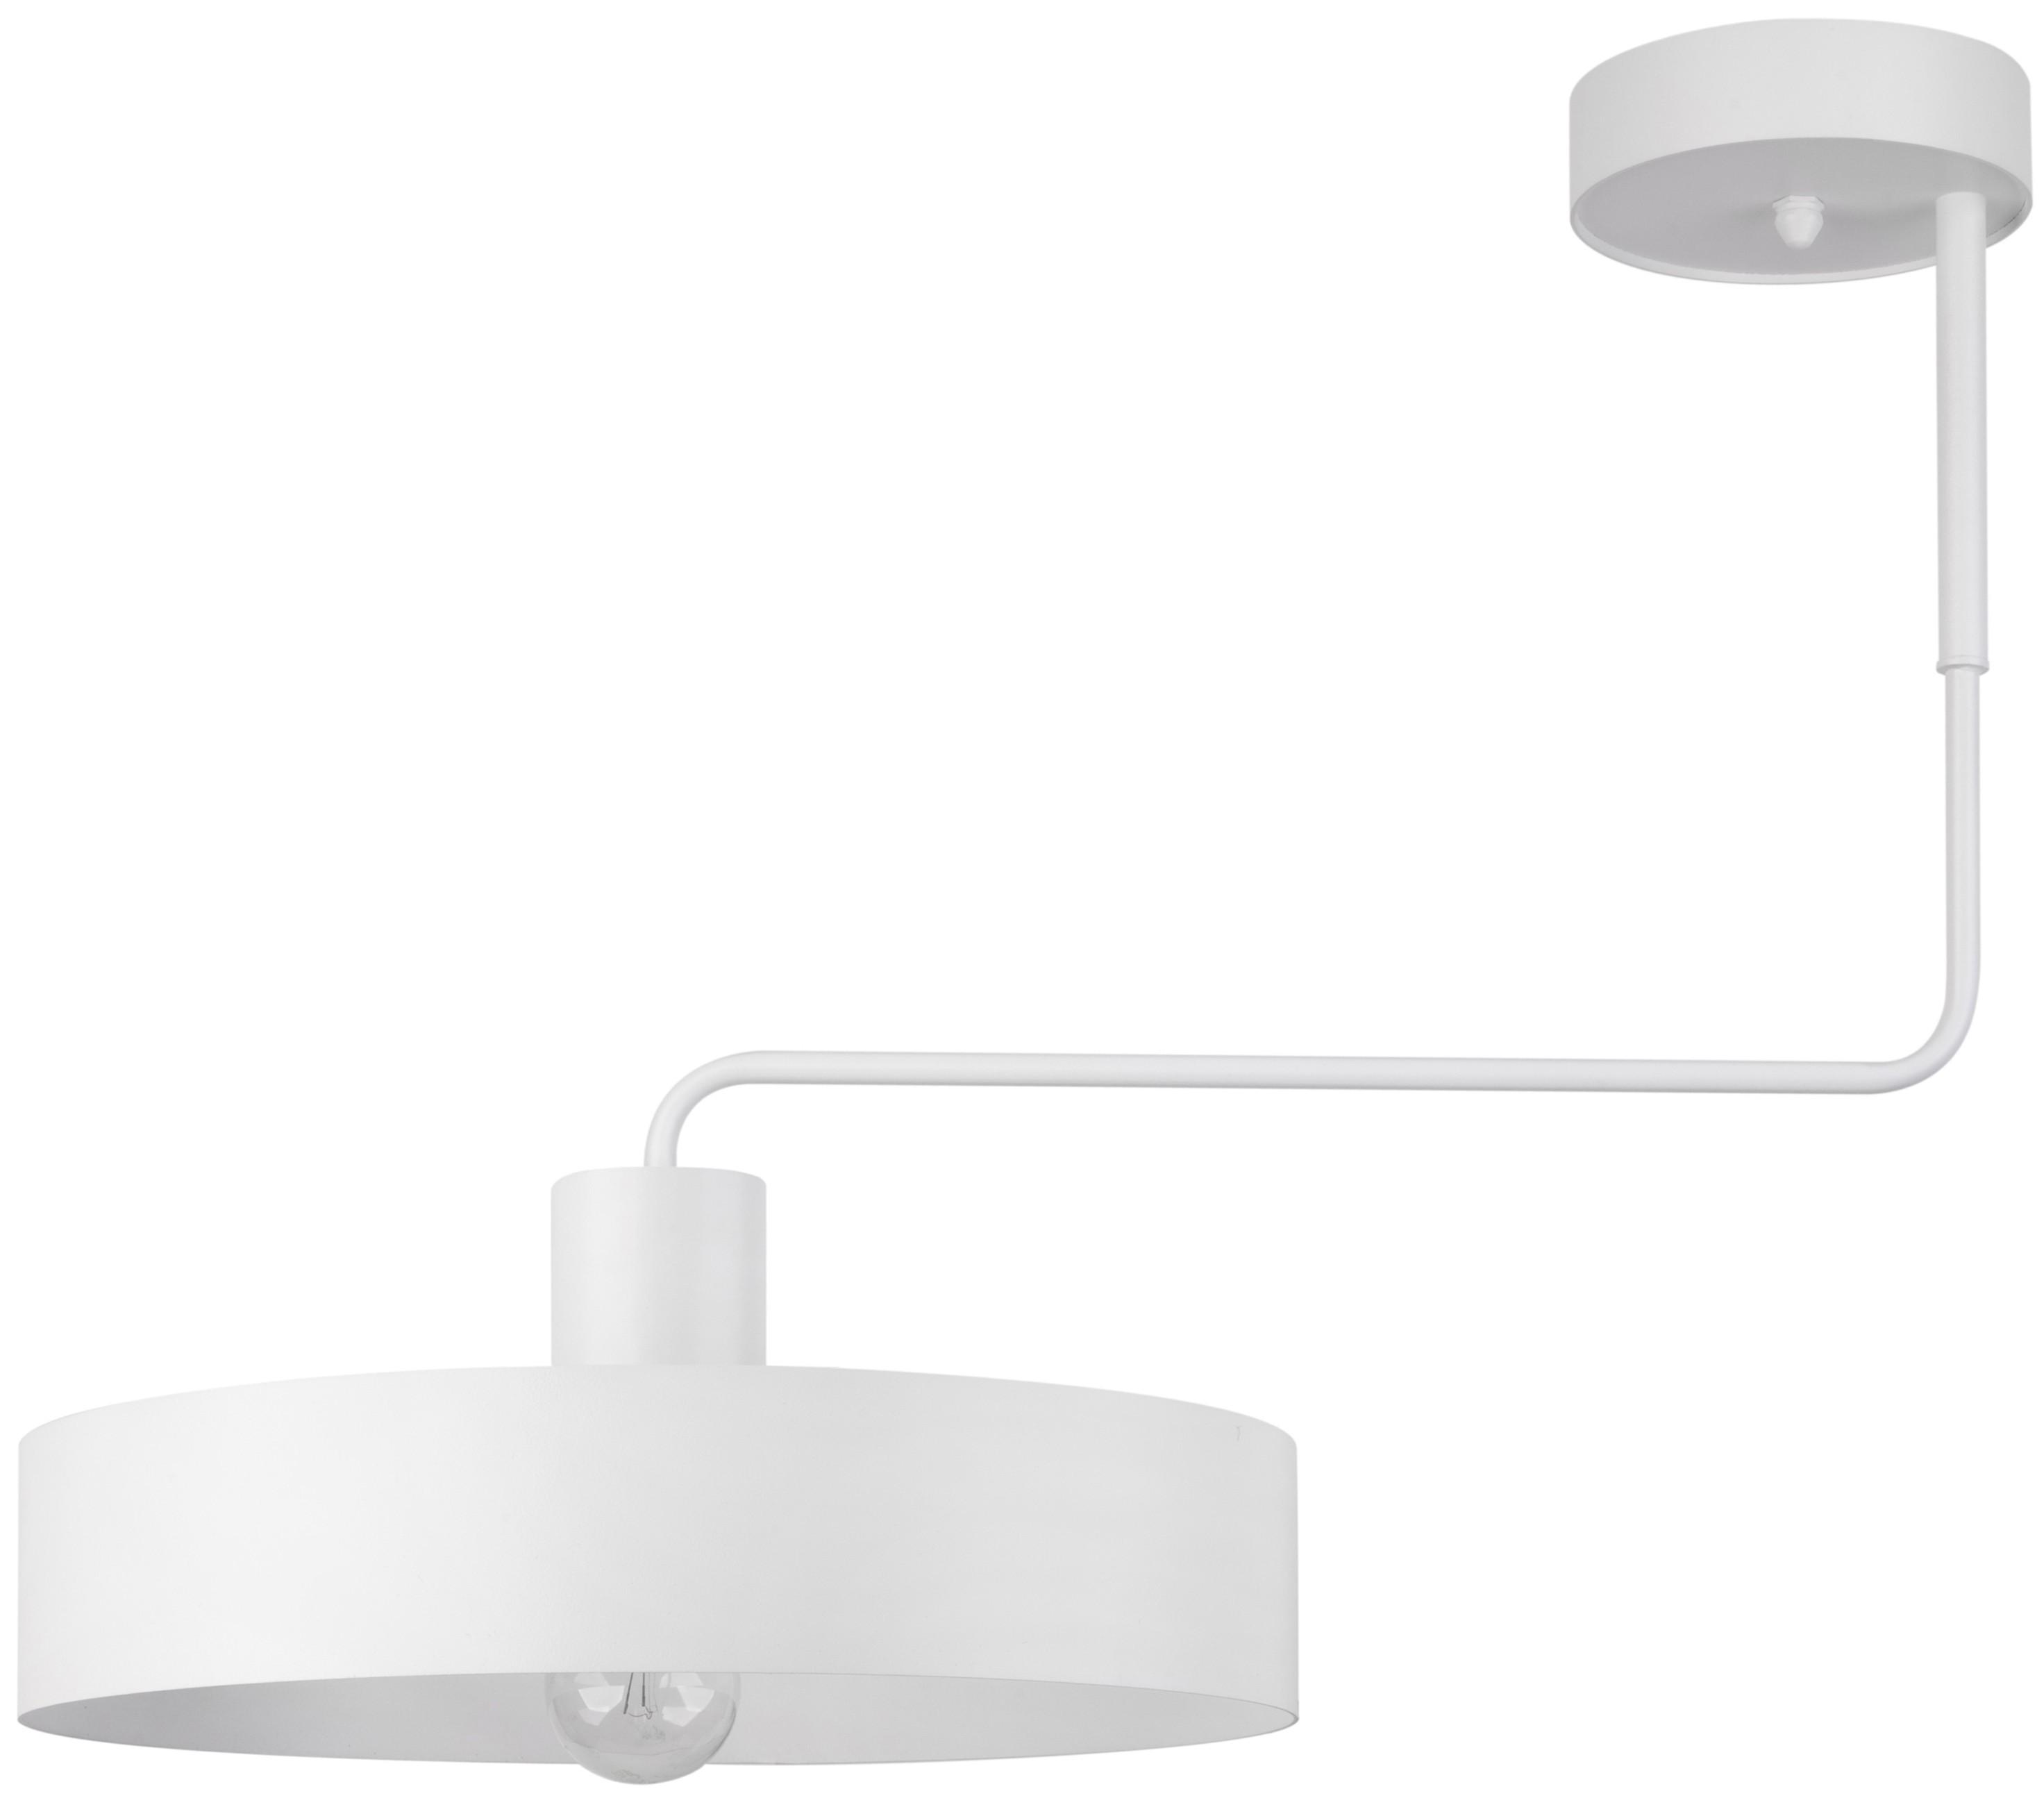 Lampa sufitowa nowoczesna metalowa VASCO 1 punktowa biała okrągła 31550 - Sigma Do -17% rabatu w koszyku i darmowa dostawa od 299zł !